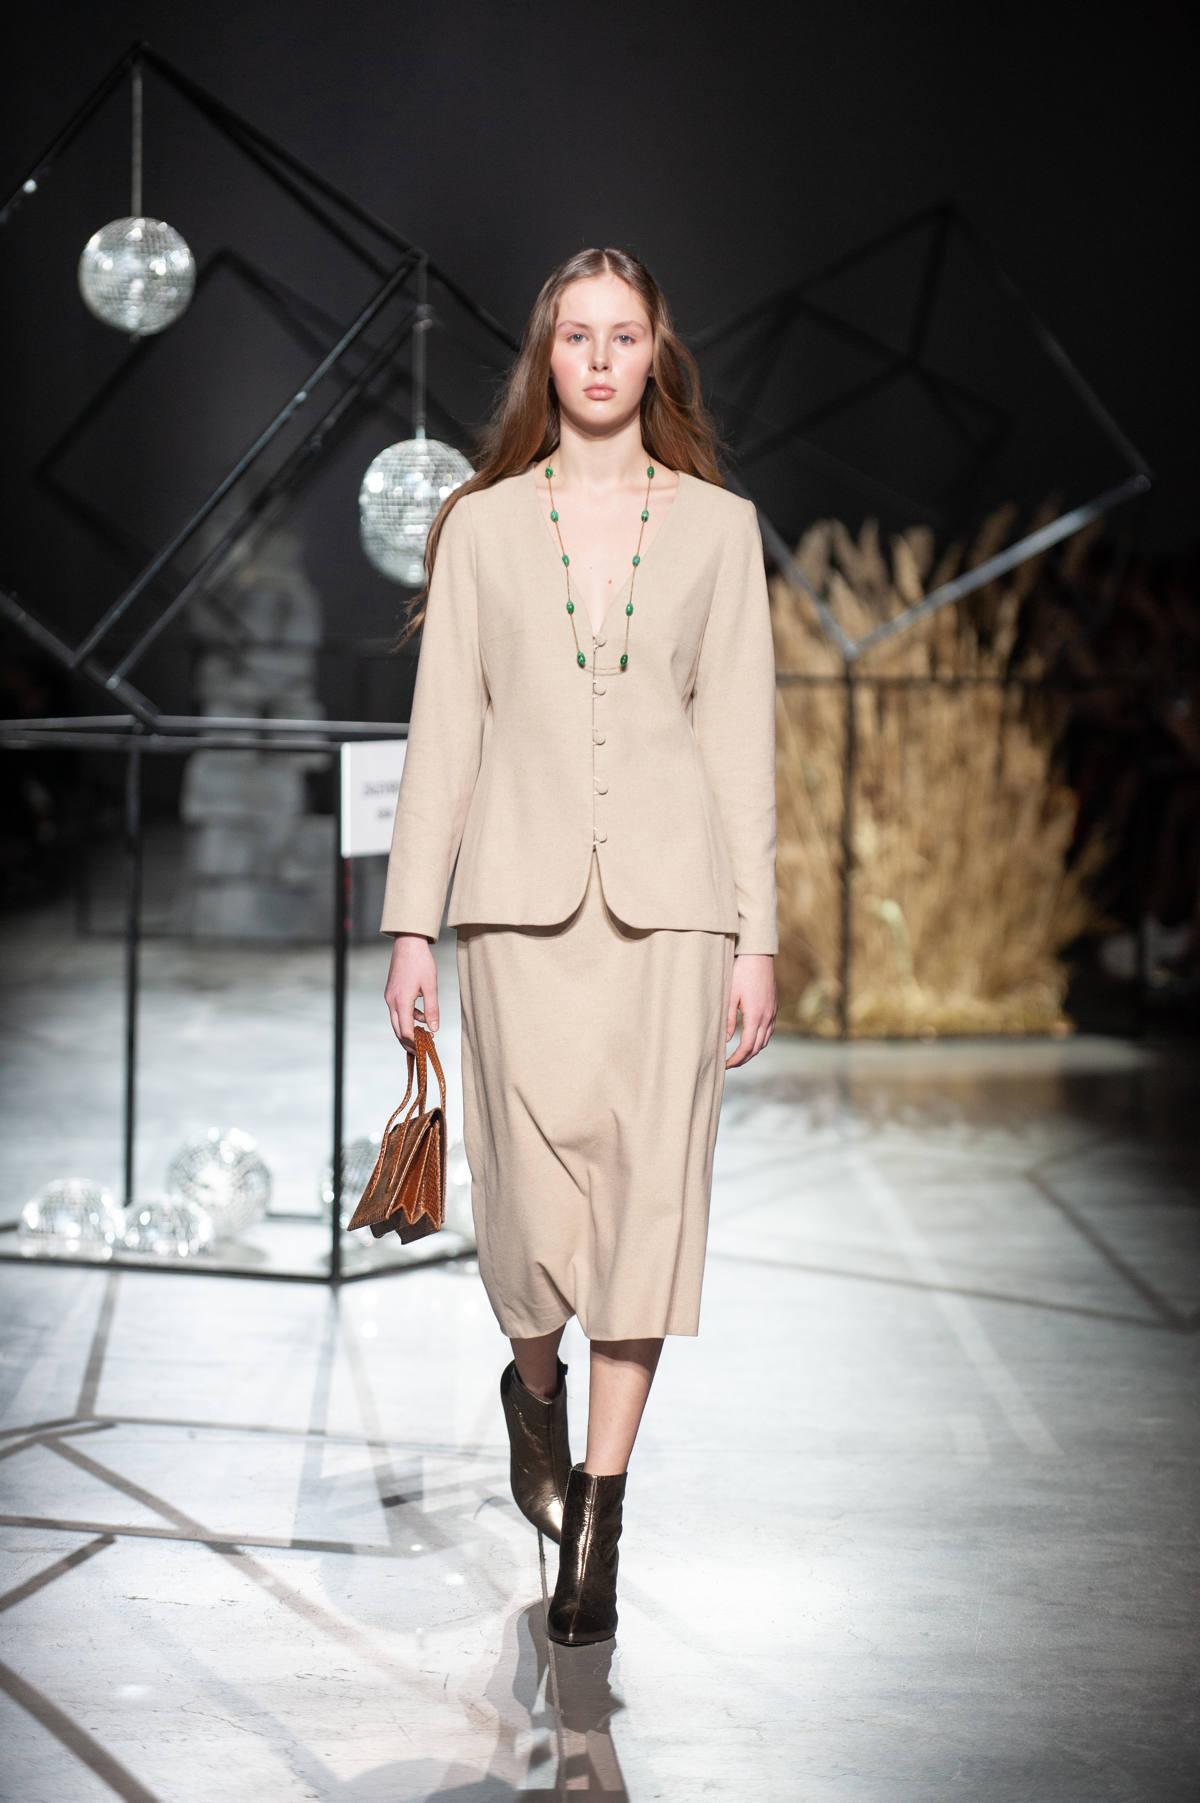 BE SUSTAINABLE! Fashion Summit, Ukrainian Fashion Week, Yuliya Postushna, CHERESHNIVSKA, LITKOVSKAYA,